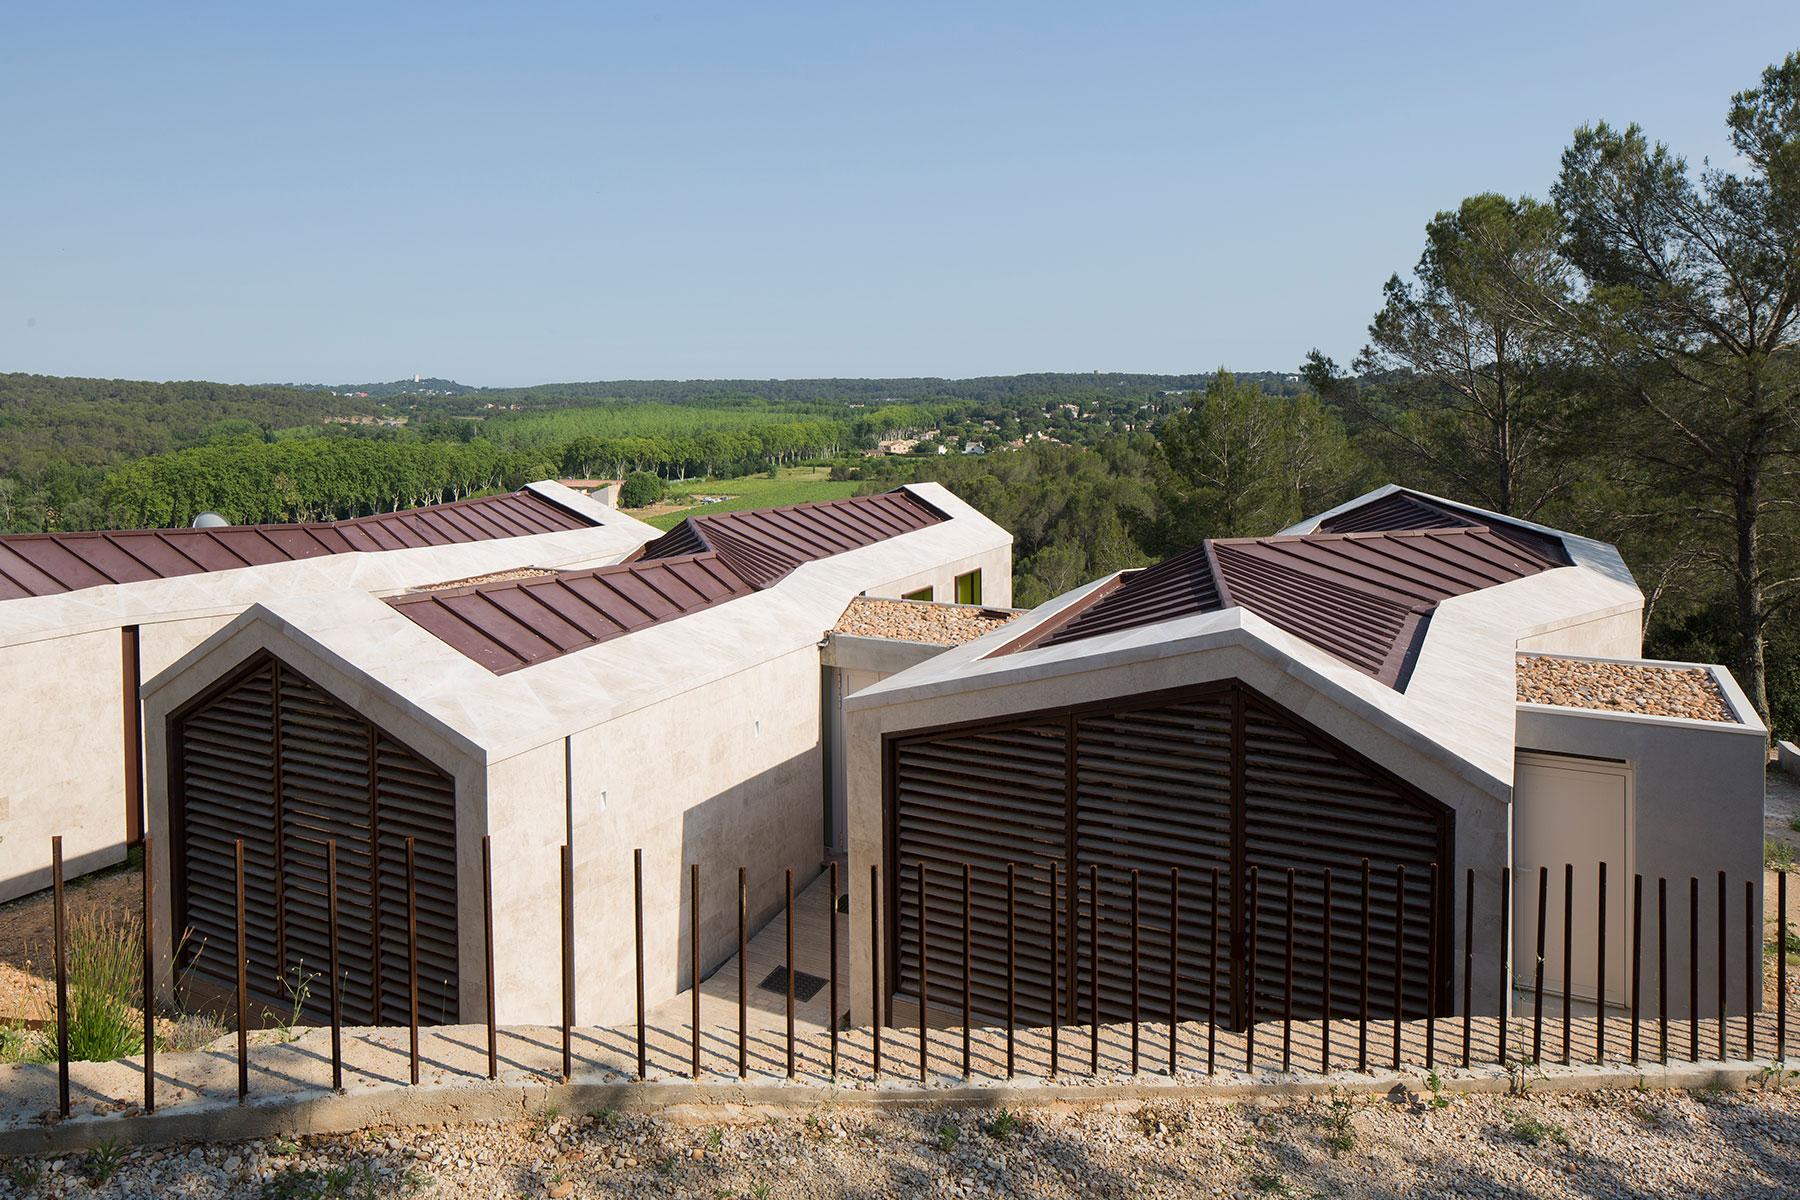 Trojitý dům na vrstevnicích v jižní Francii